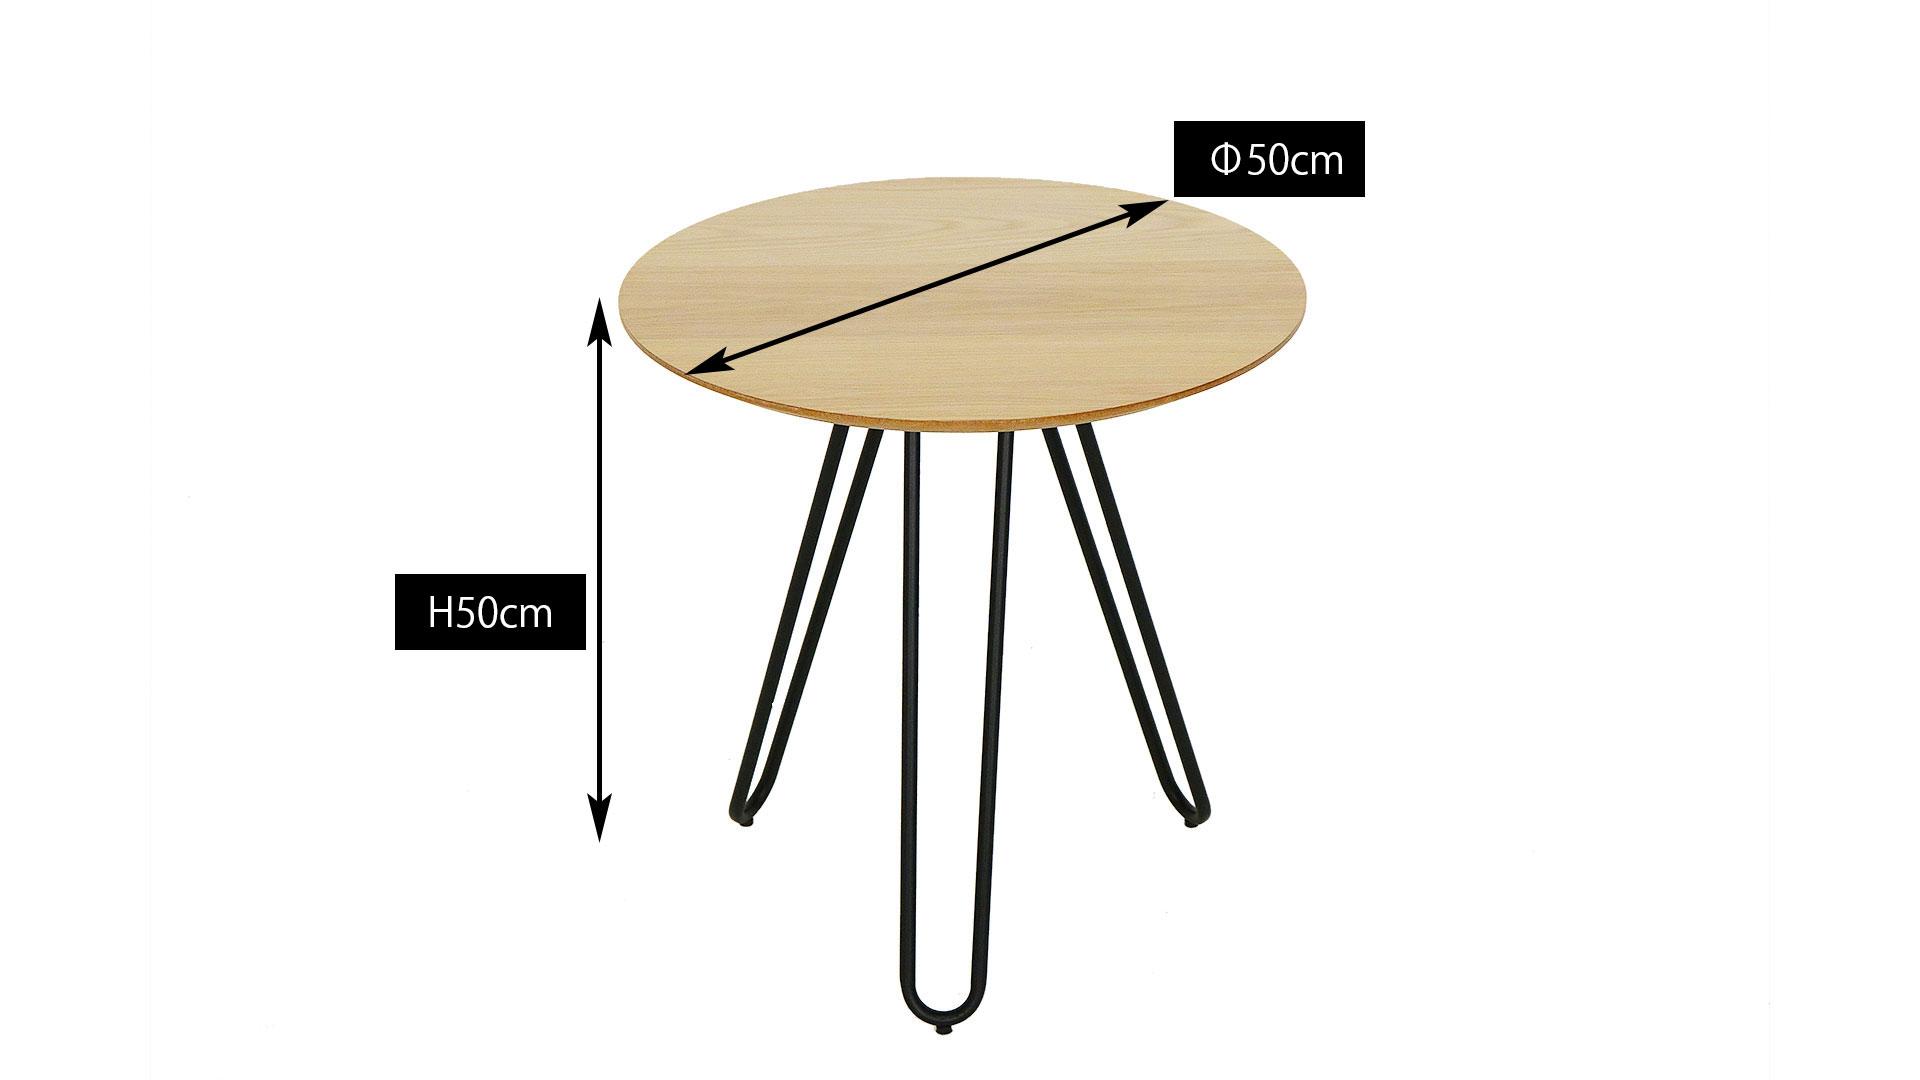 丸形の北欧テーブル、カーラのサイズ